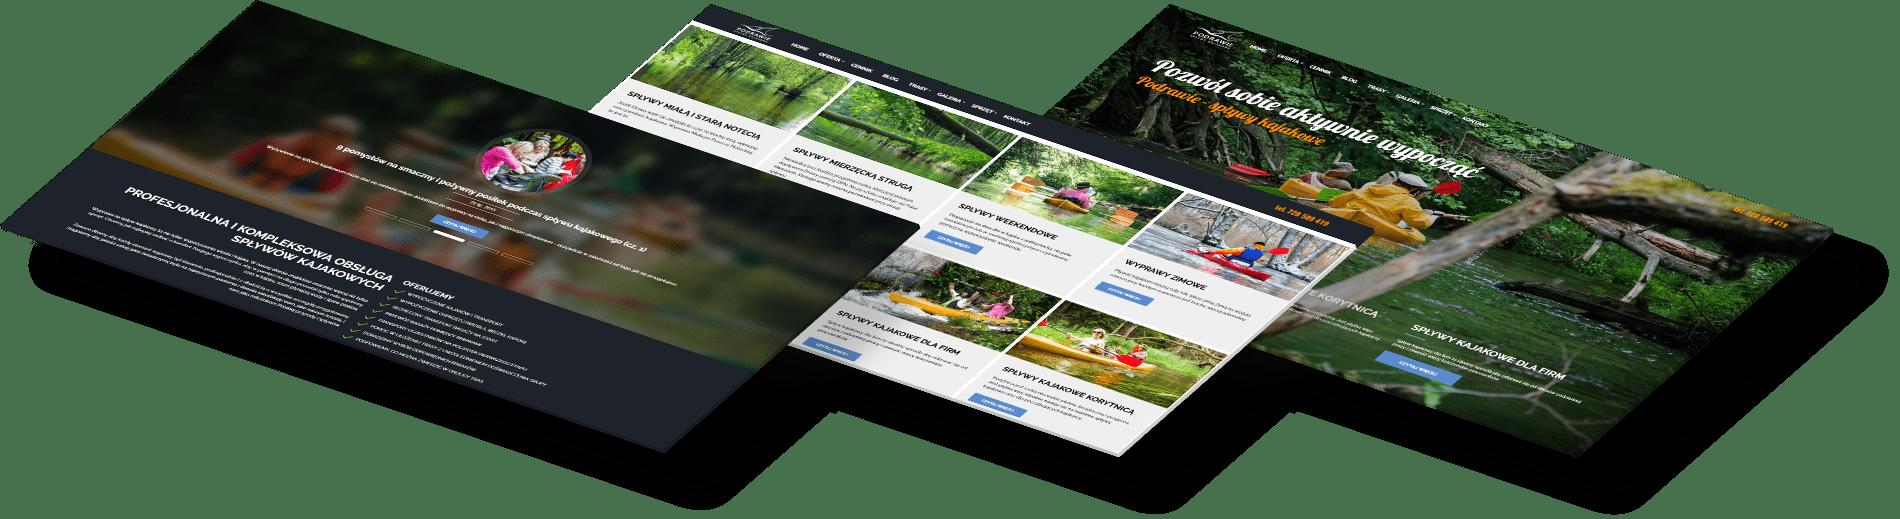 strona www dla branży turystycznej ciekawy projekt spływy kajakowe